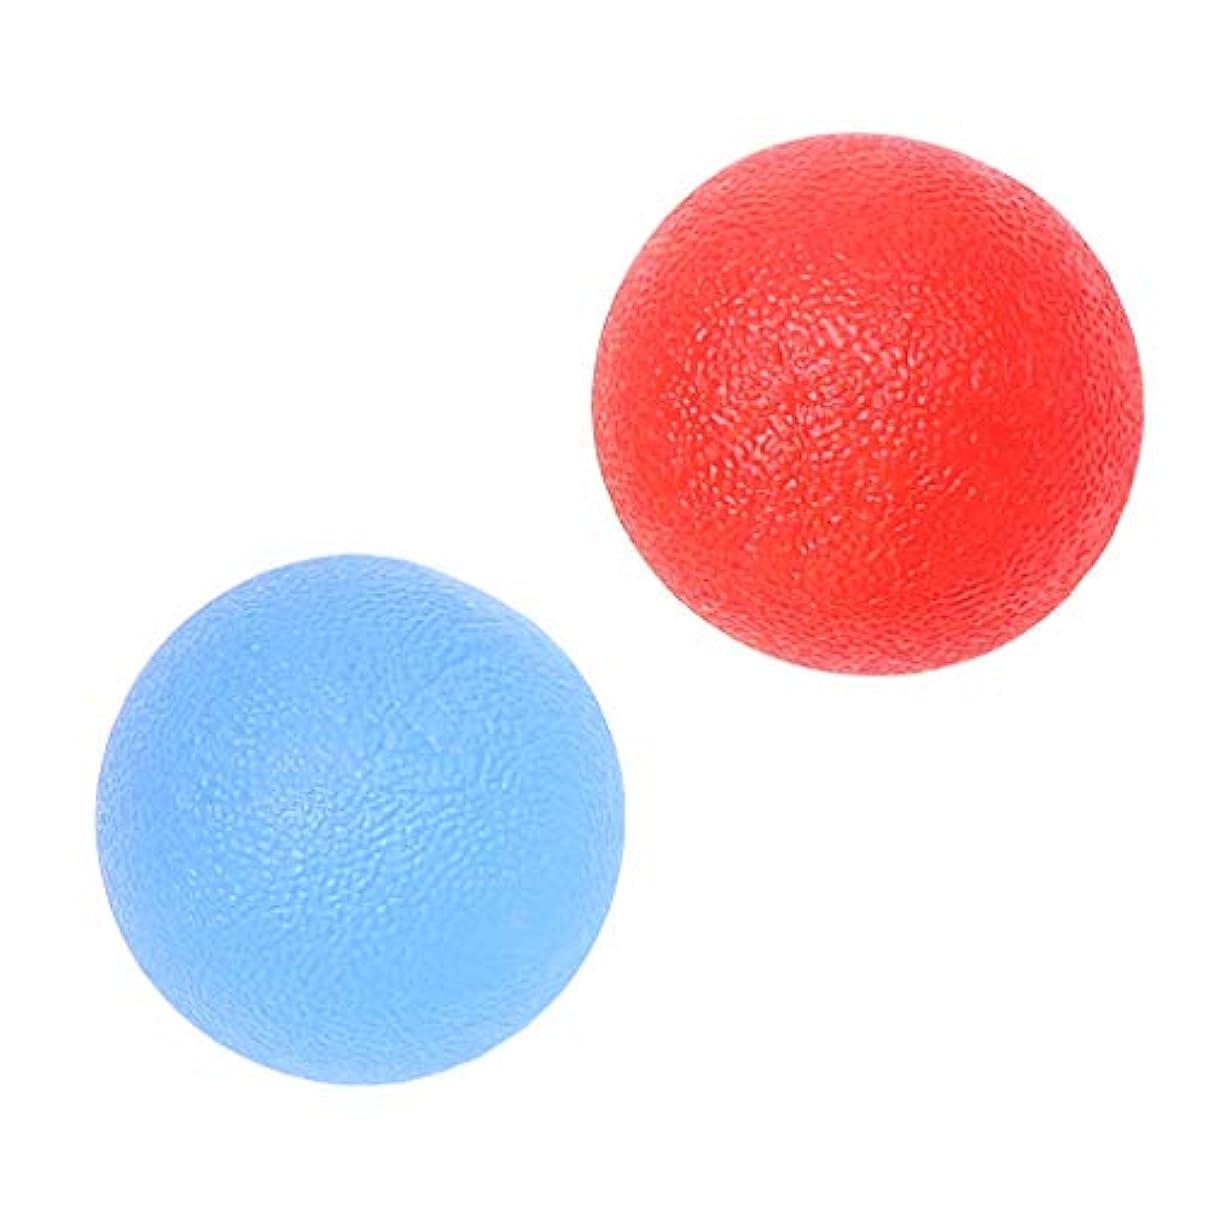 逃れる裏切りテーマCUTICATE 2個 ハンドエクササイズボール ハンドグリップ シリコン 指トレーニング ストレス緩和 減圧 赤/青